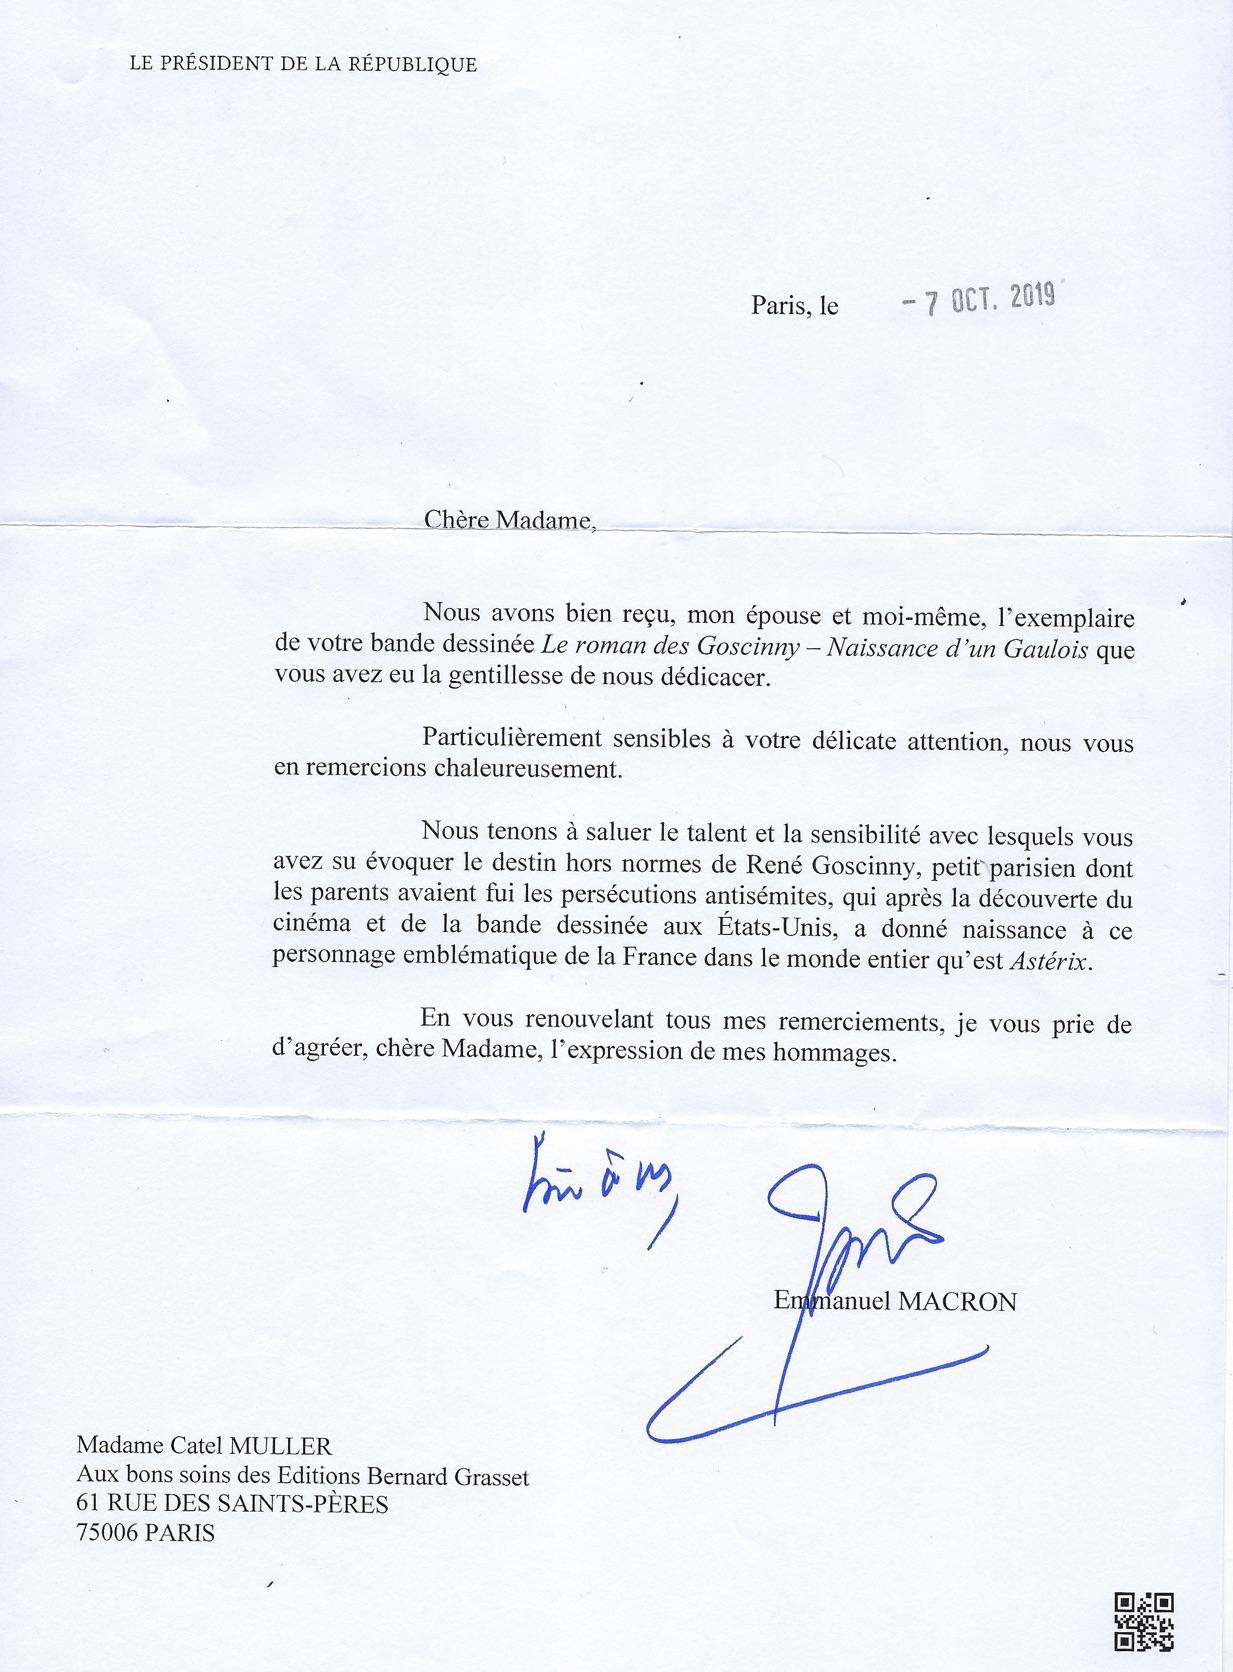 CatCom-lettre-Macron-2019 (1)